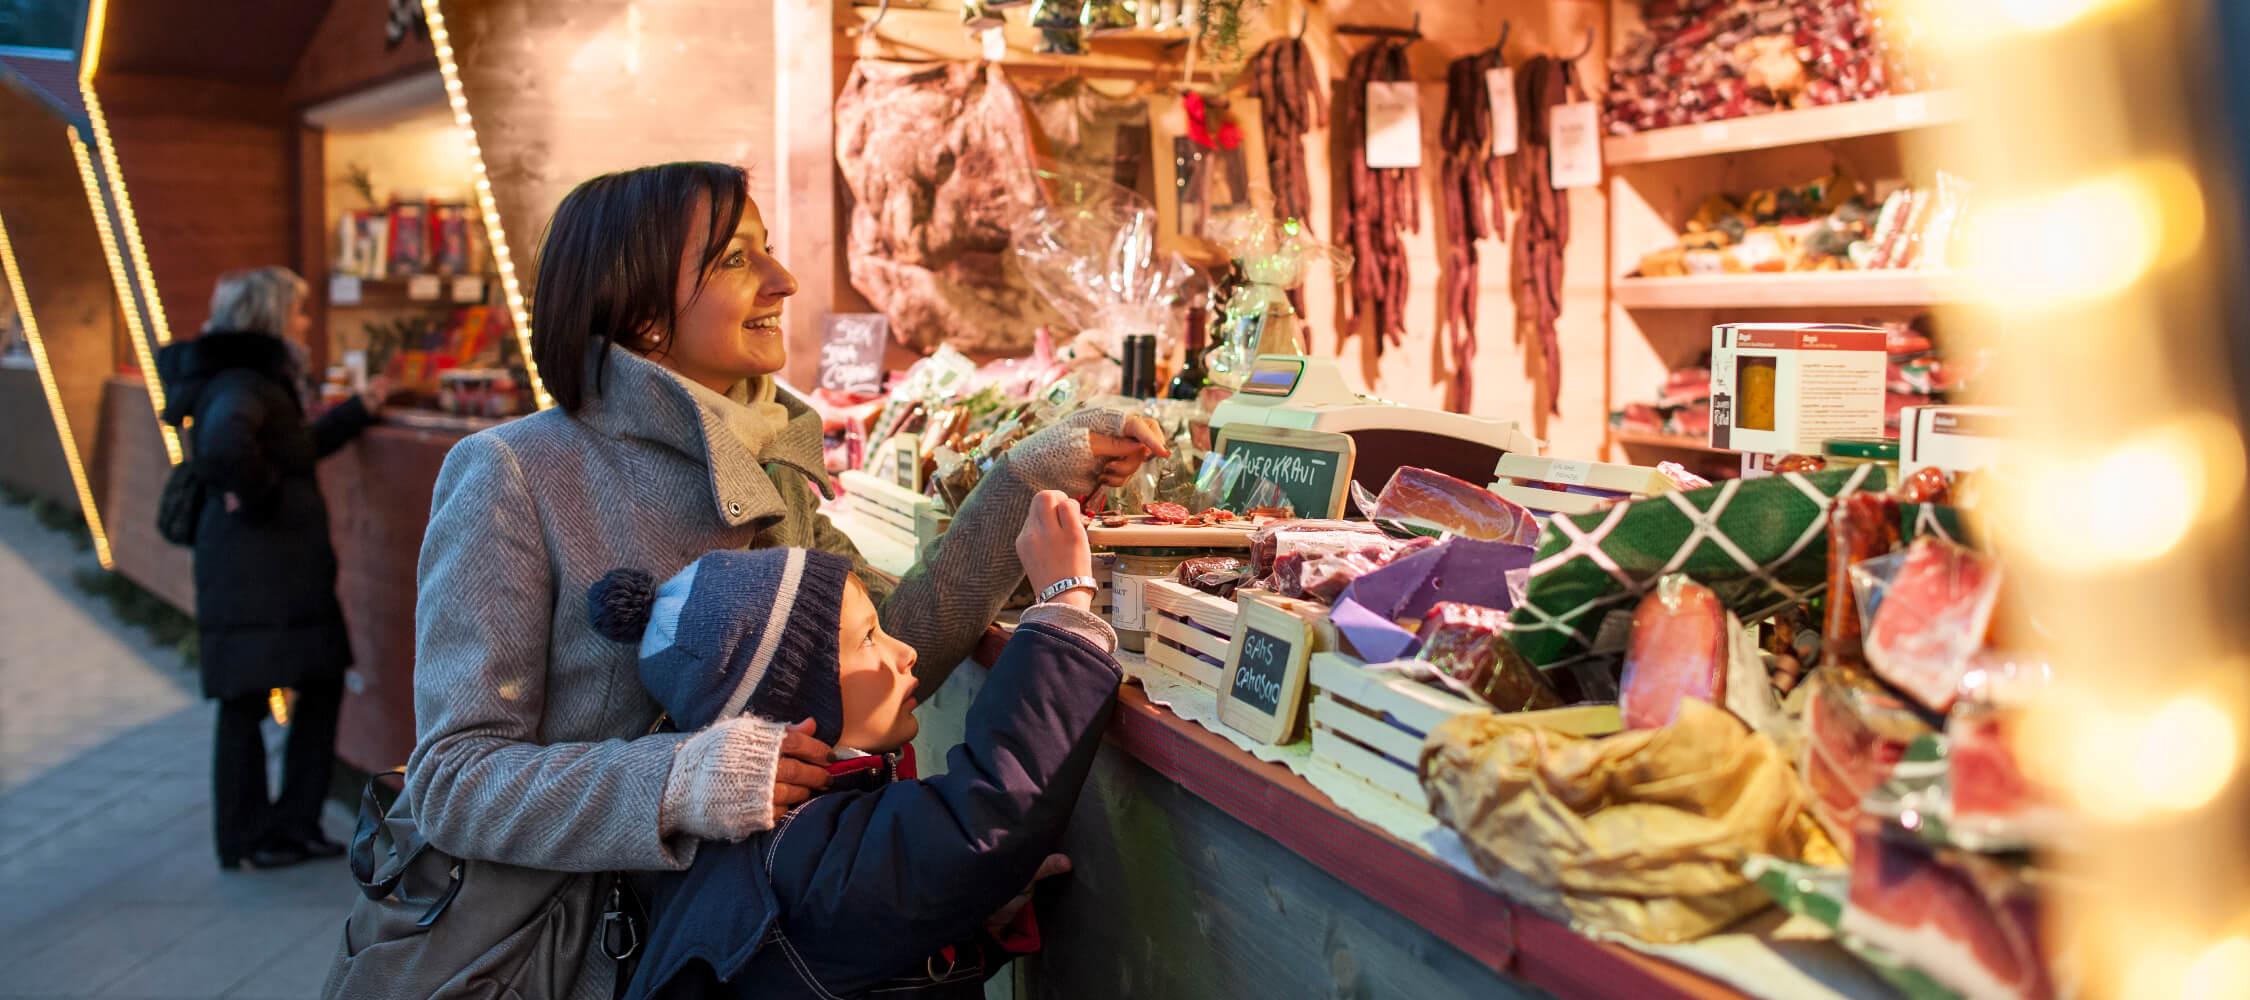 Italien-Trentino_Suedtirol_Alto_Adige_Merano_Meran_Erleben_Weihnachtsmarkt_Weihnachten_Winter_Nacht_Produkte_Kurverwaltung-Alex_Filz_BSC4648_2250x1000